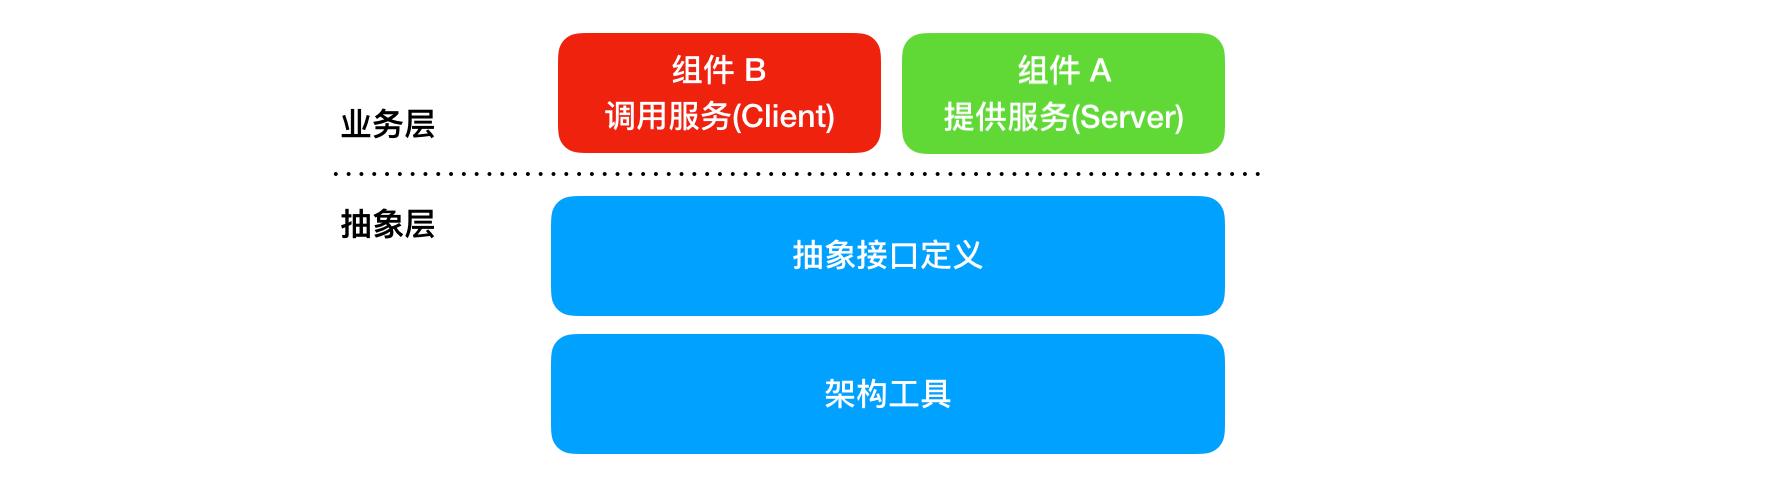 图1-1 模型设计